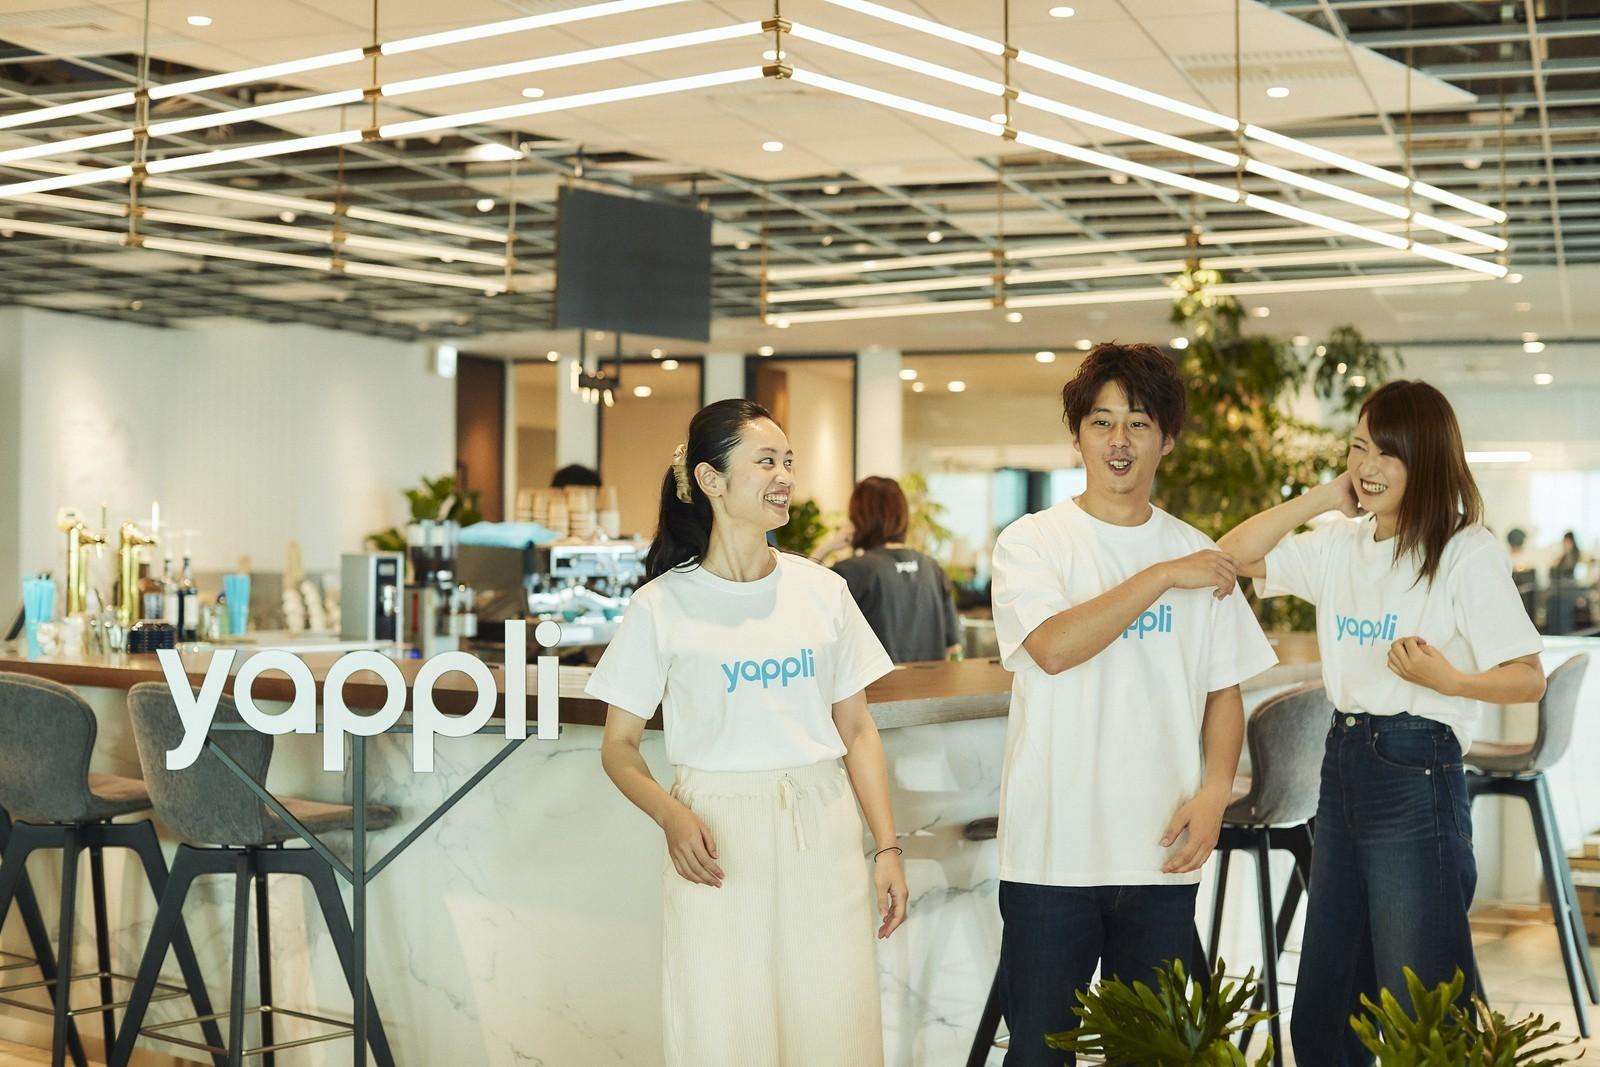 BtoBアプリ制作プロダクト「Yappli」のバックエンド開発でクライアントの課題解決に貢献するエンジニアを募集